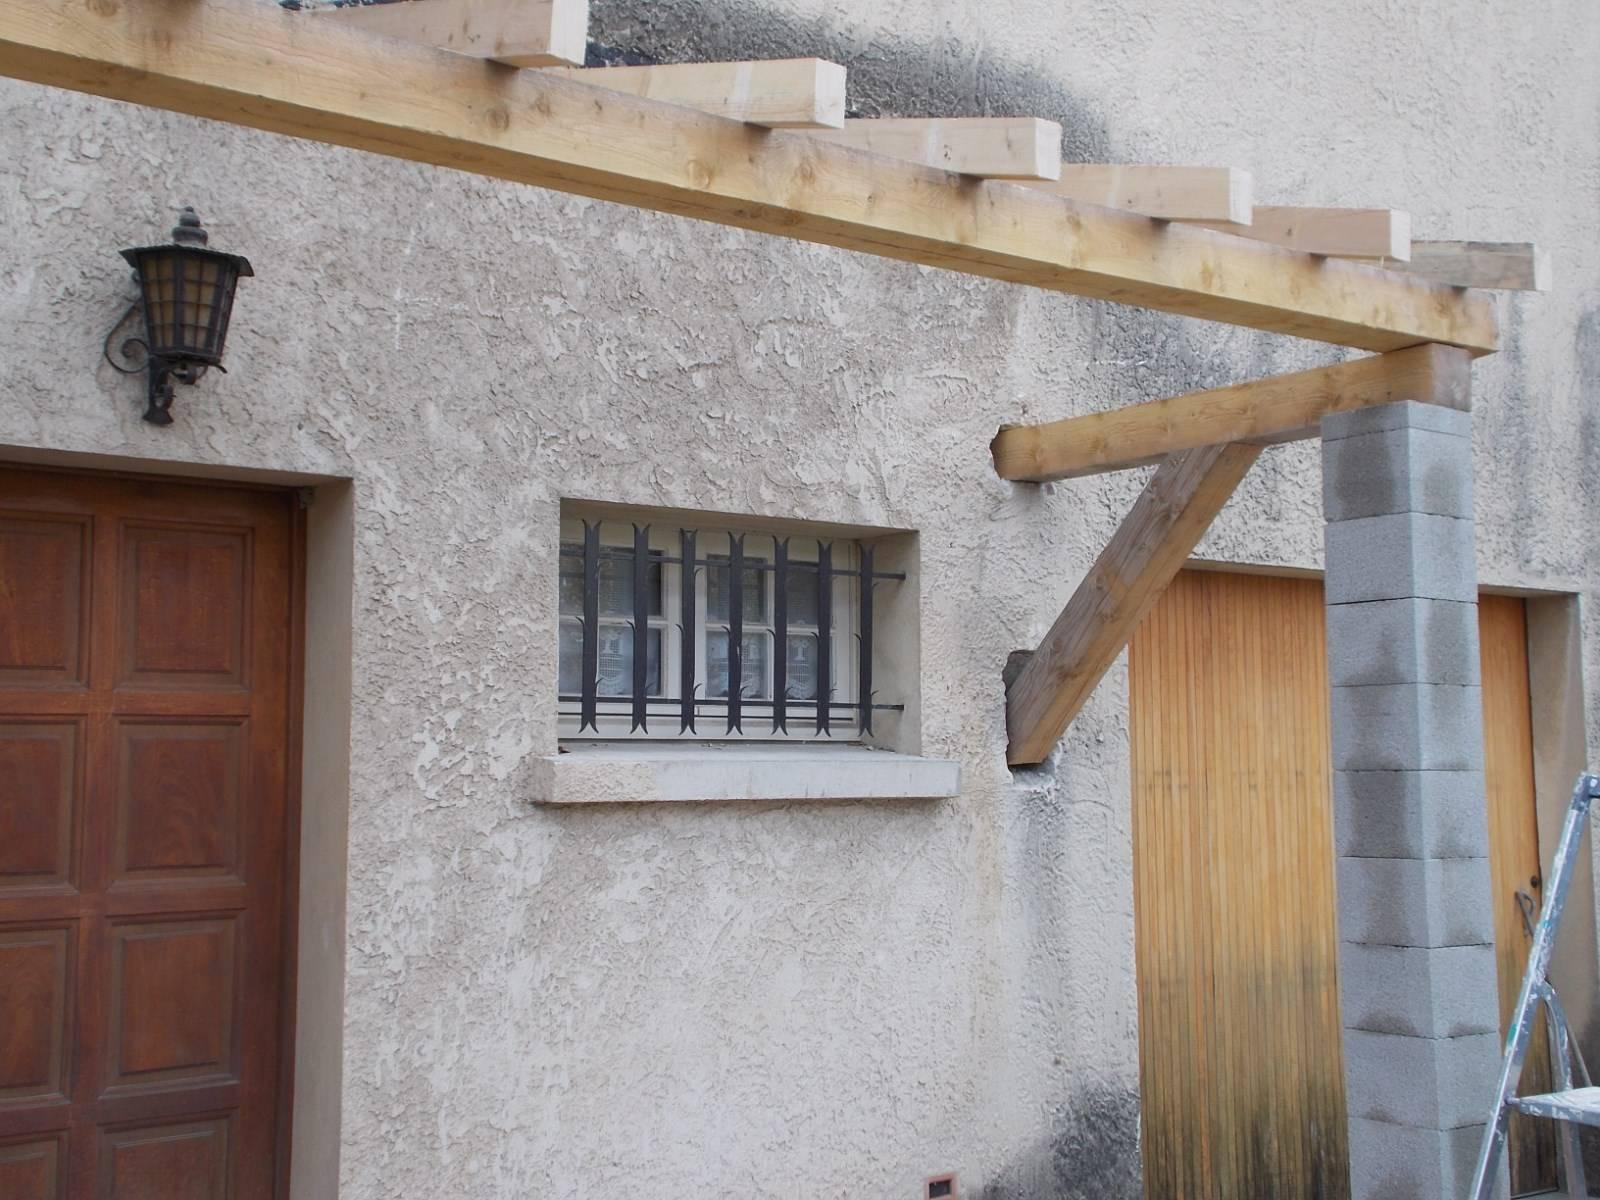 cr ation d 39 une charpente traditionnelle par nos charpentiers salon de provence r novation. Black Bedroom Furniture Sets. Home Design Ideas